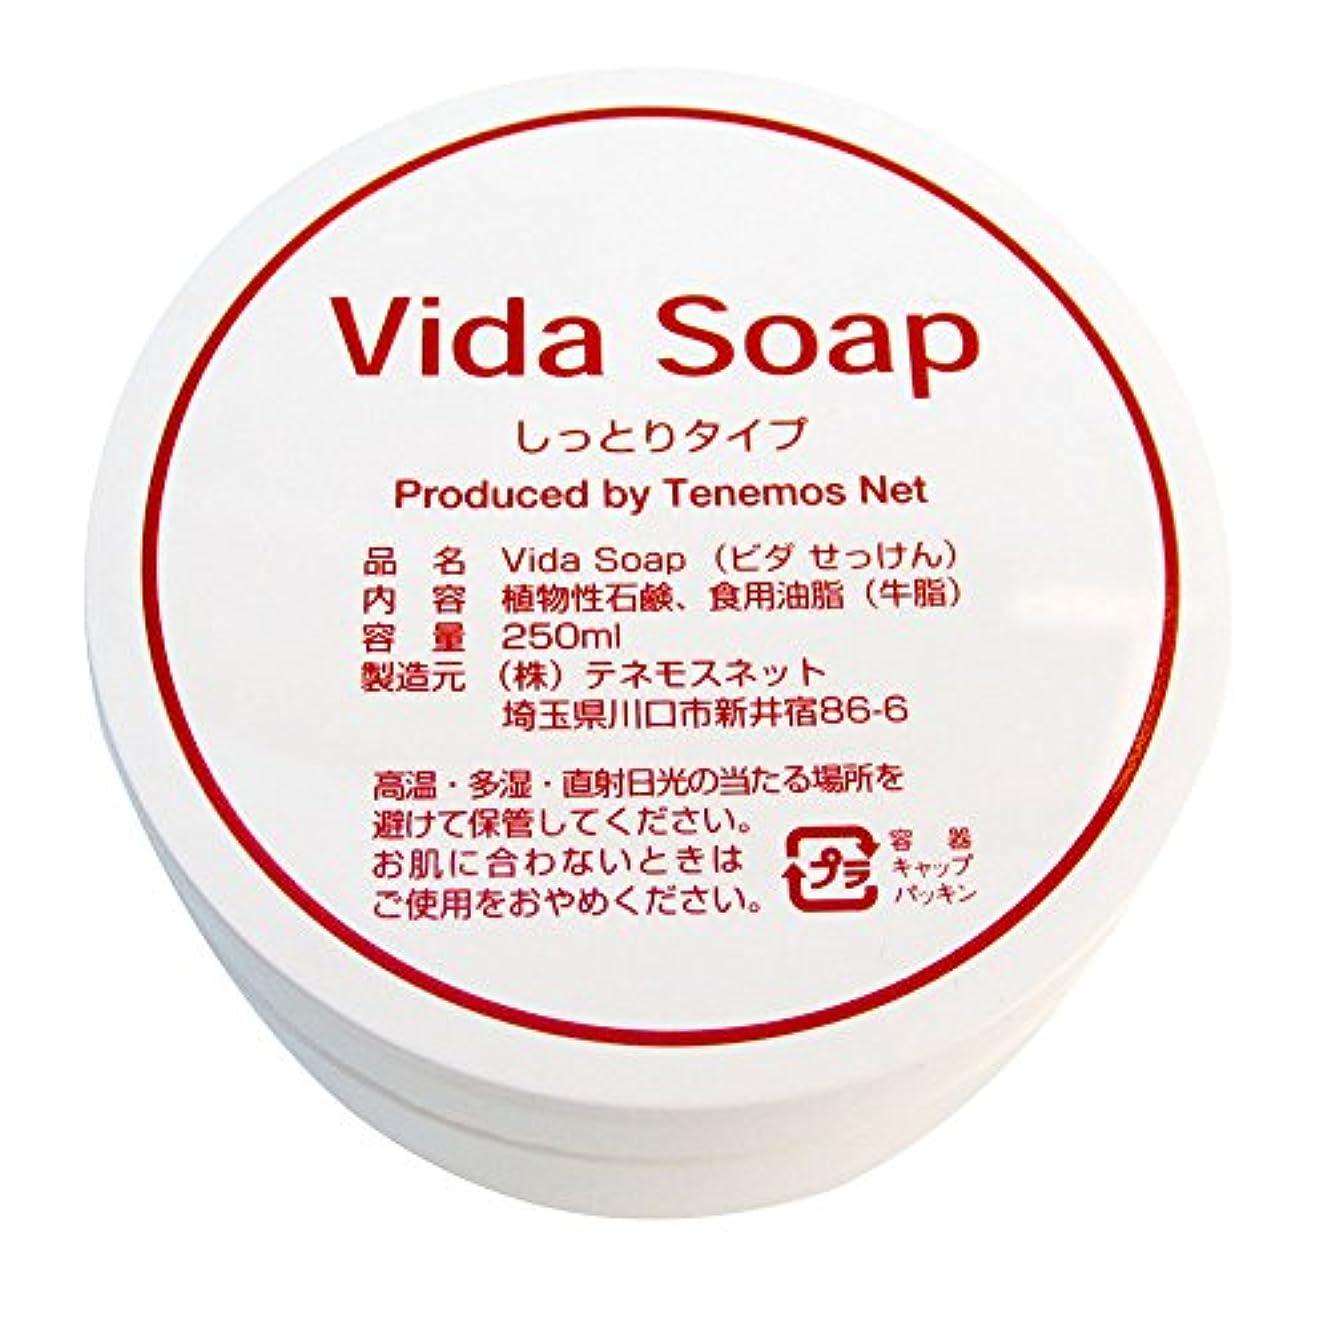 タワー性格具体的にテネモス ビダせっけん Vida Soap しっとりノーマル 動物性 250ml